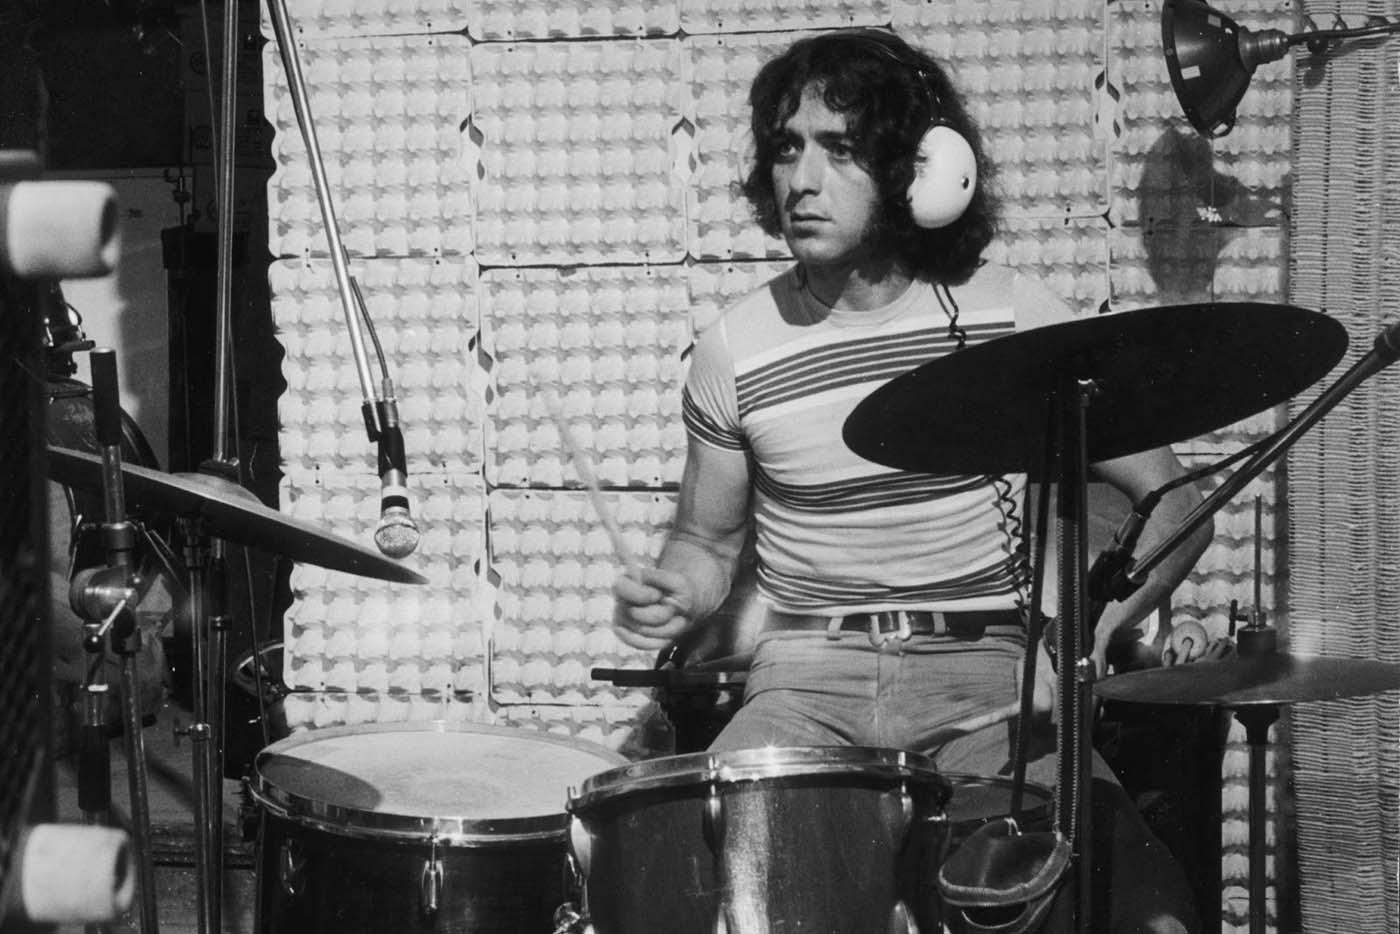 Muere Jaki Liebezeit, batería y miembro fundador de Can